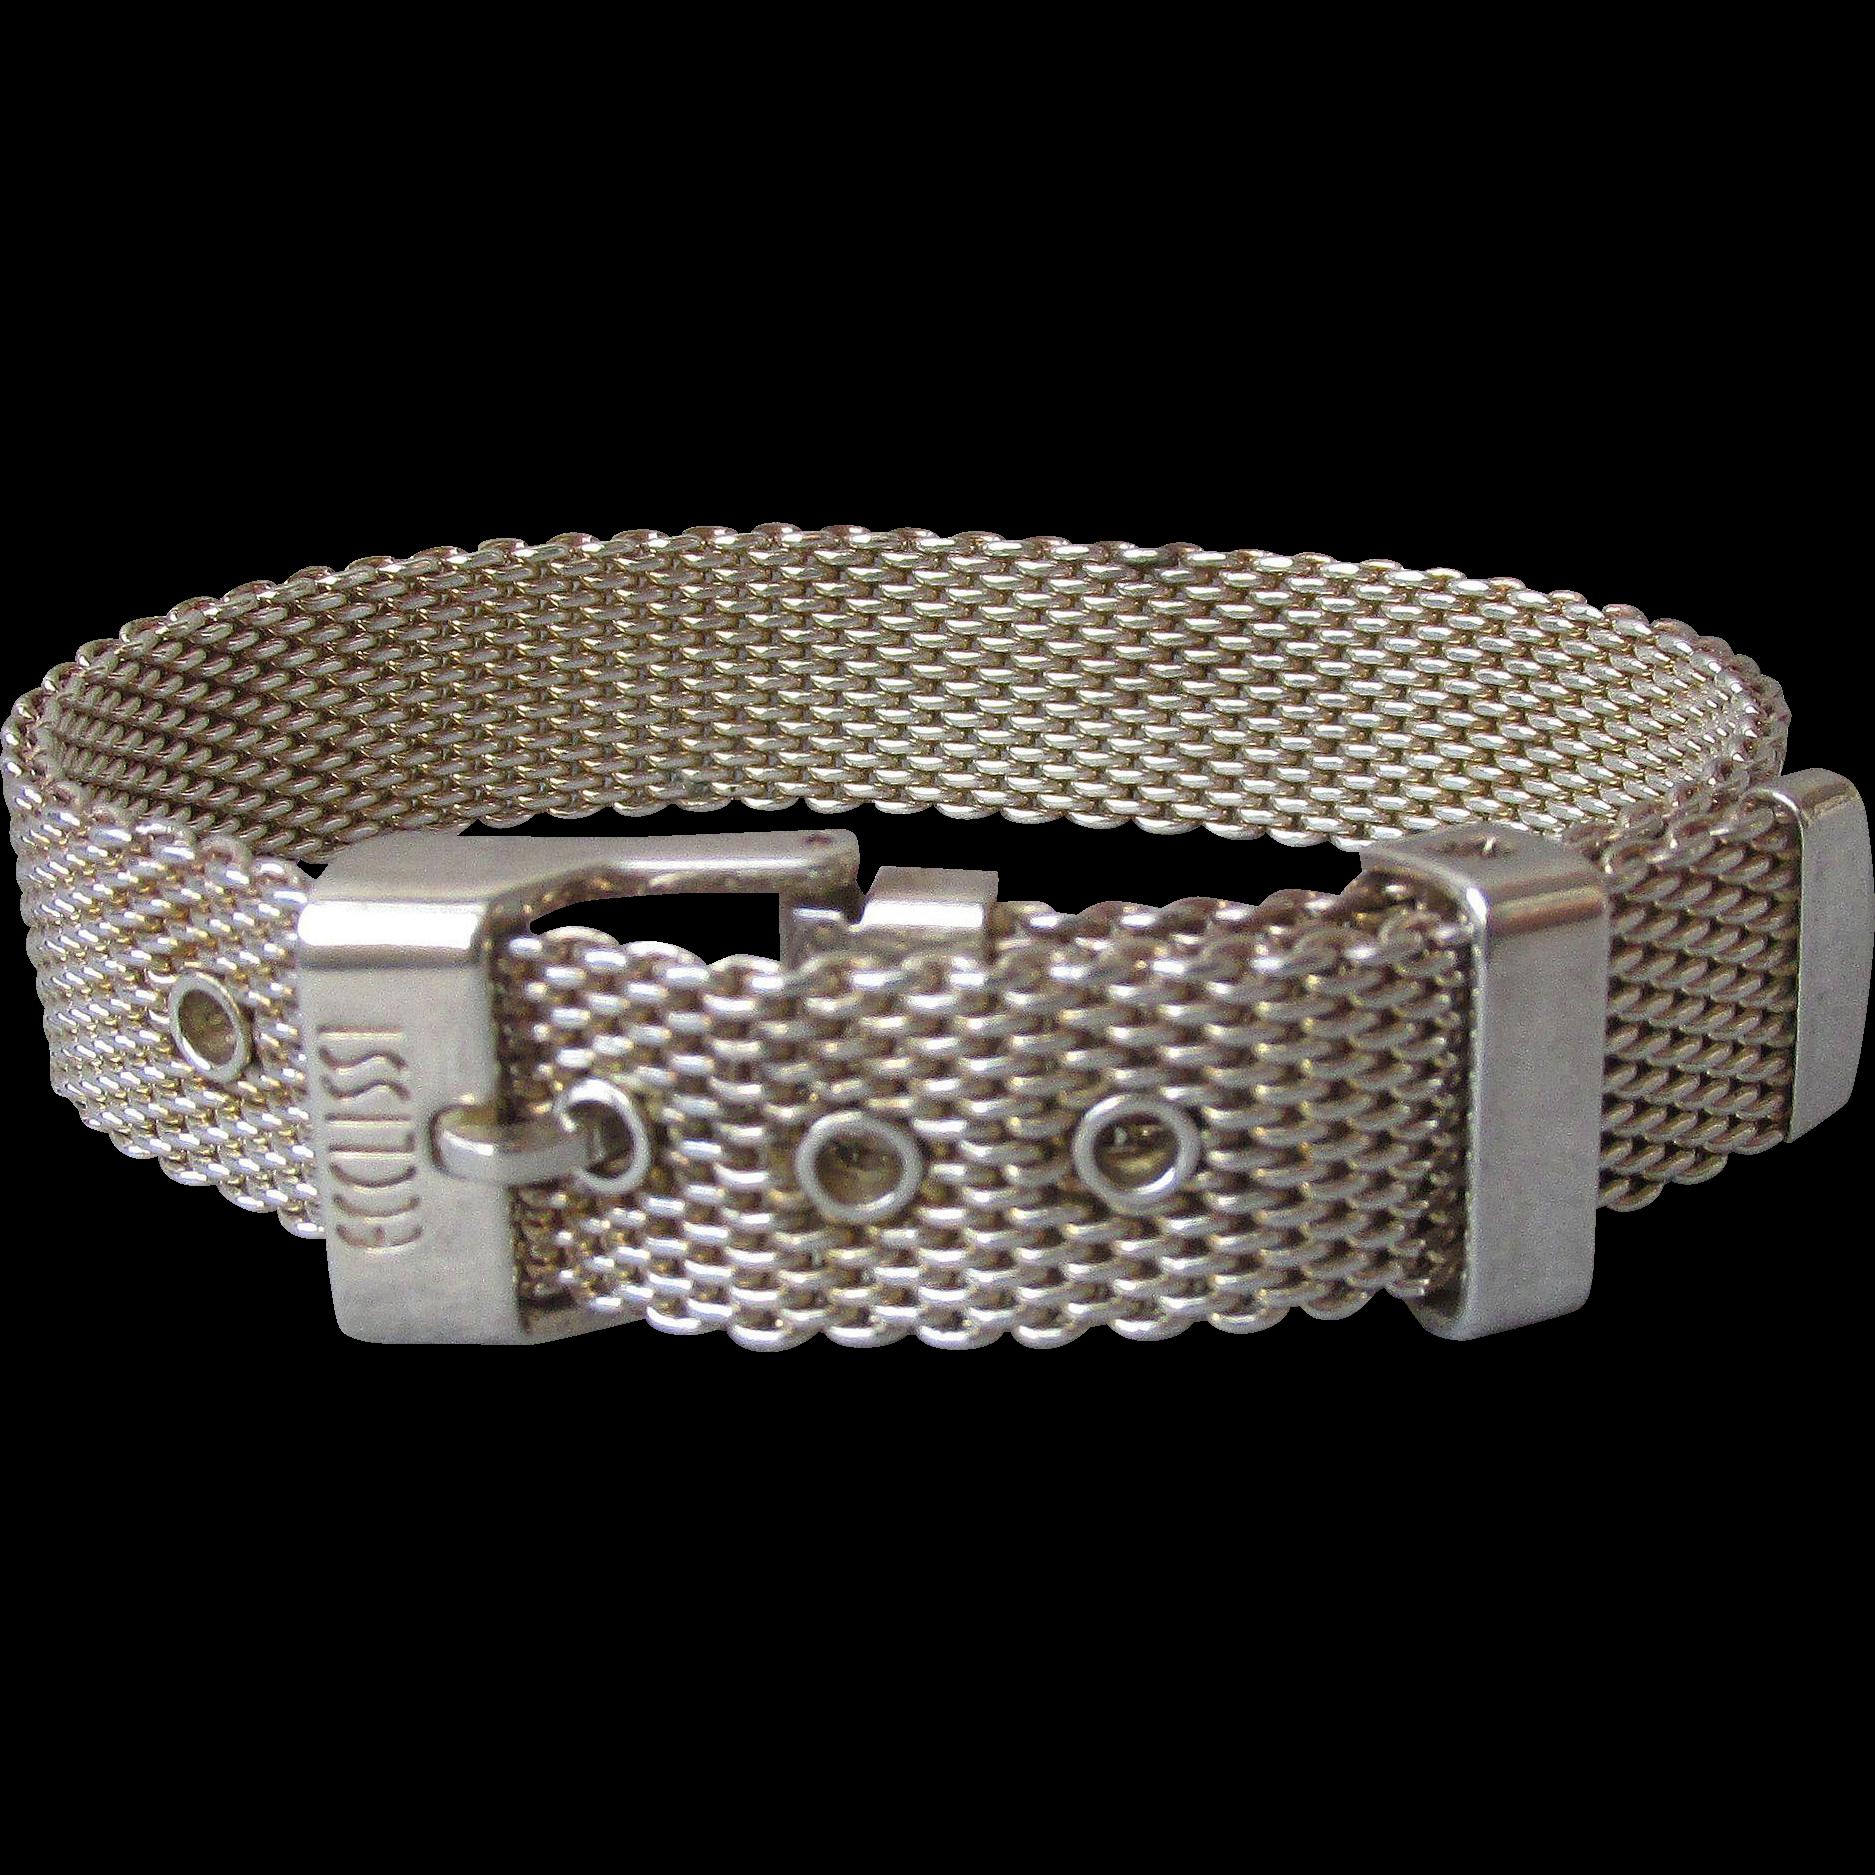 """Heavy Ecclissi Sterling Silver Vintage Mesh Buckle Bracelet, Adjustable Size 6"""" - 7.5"""""""